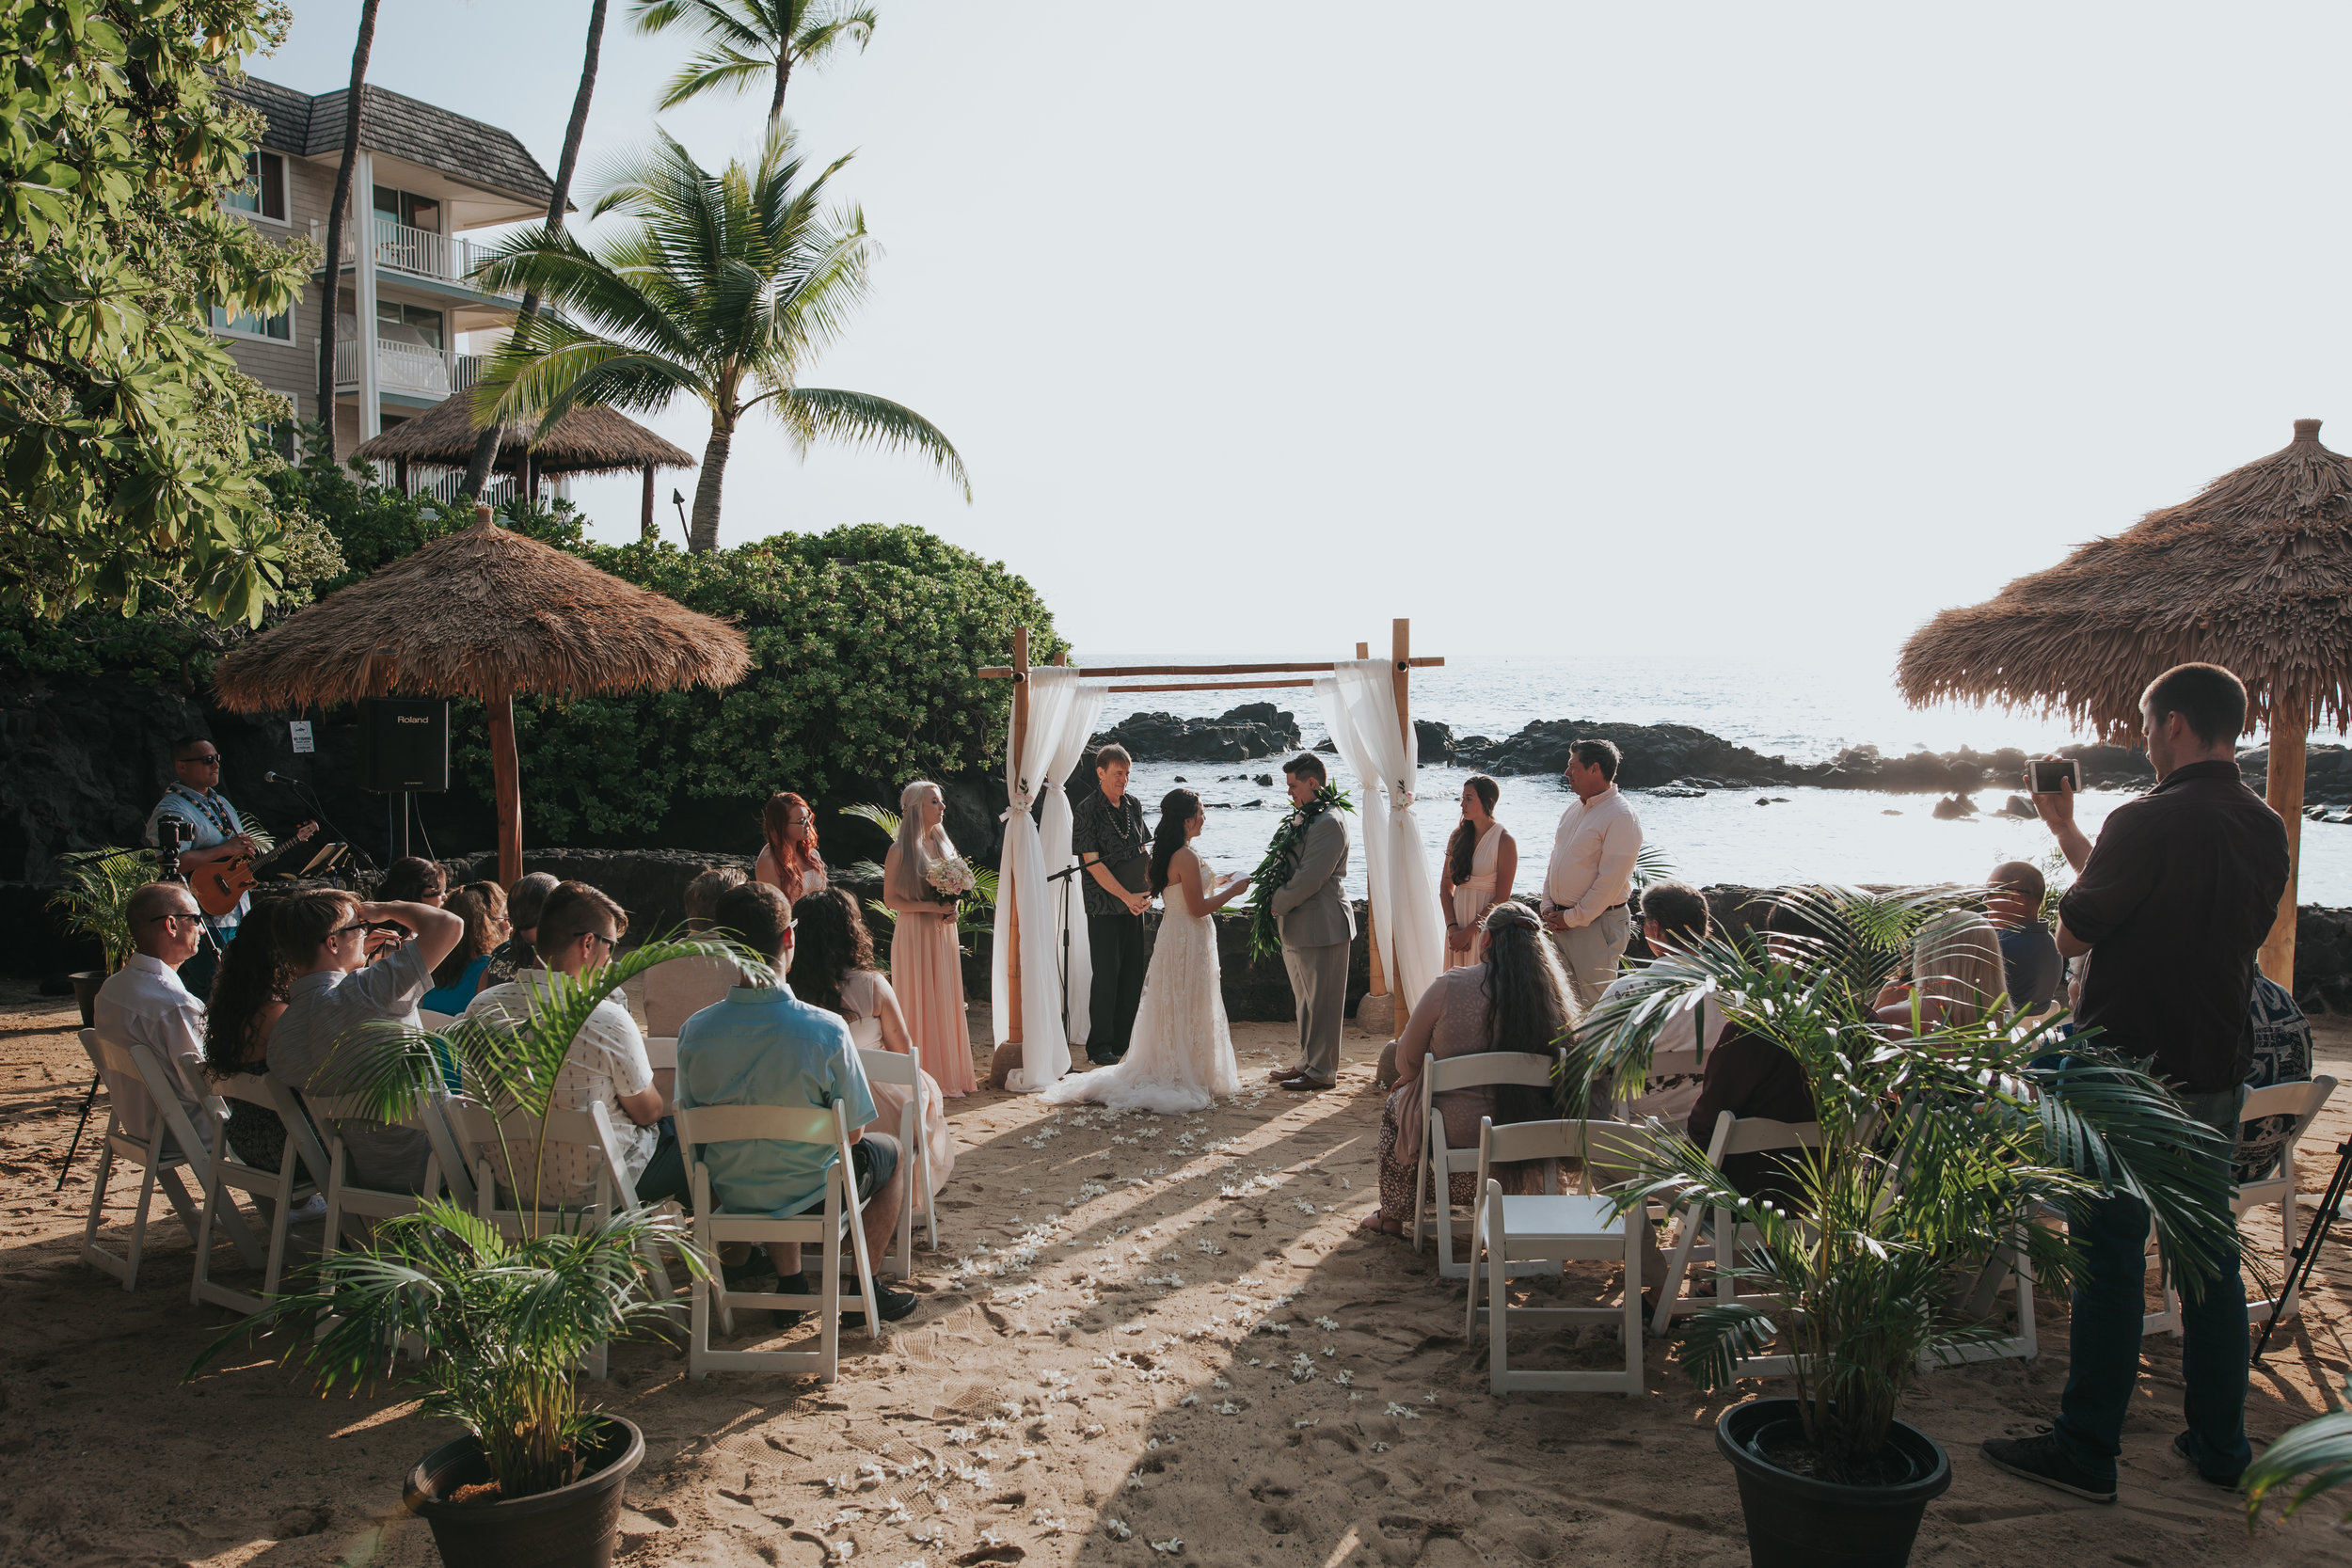 big island hawaii royal kona resort wedding kelilina photography 20171001165122-1.jpg